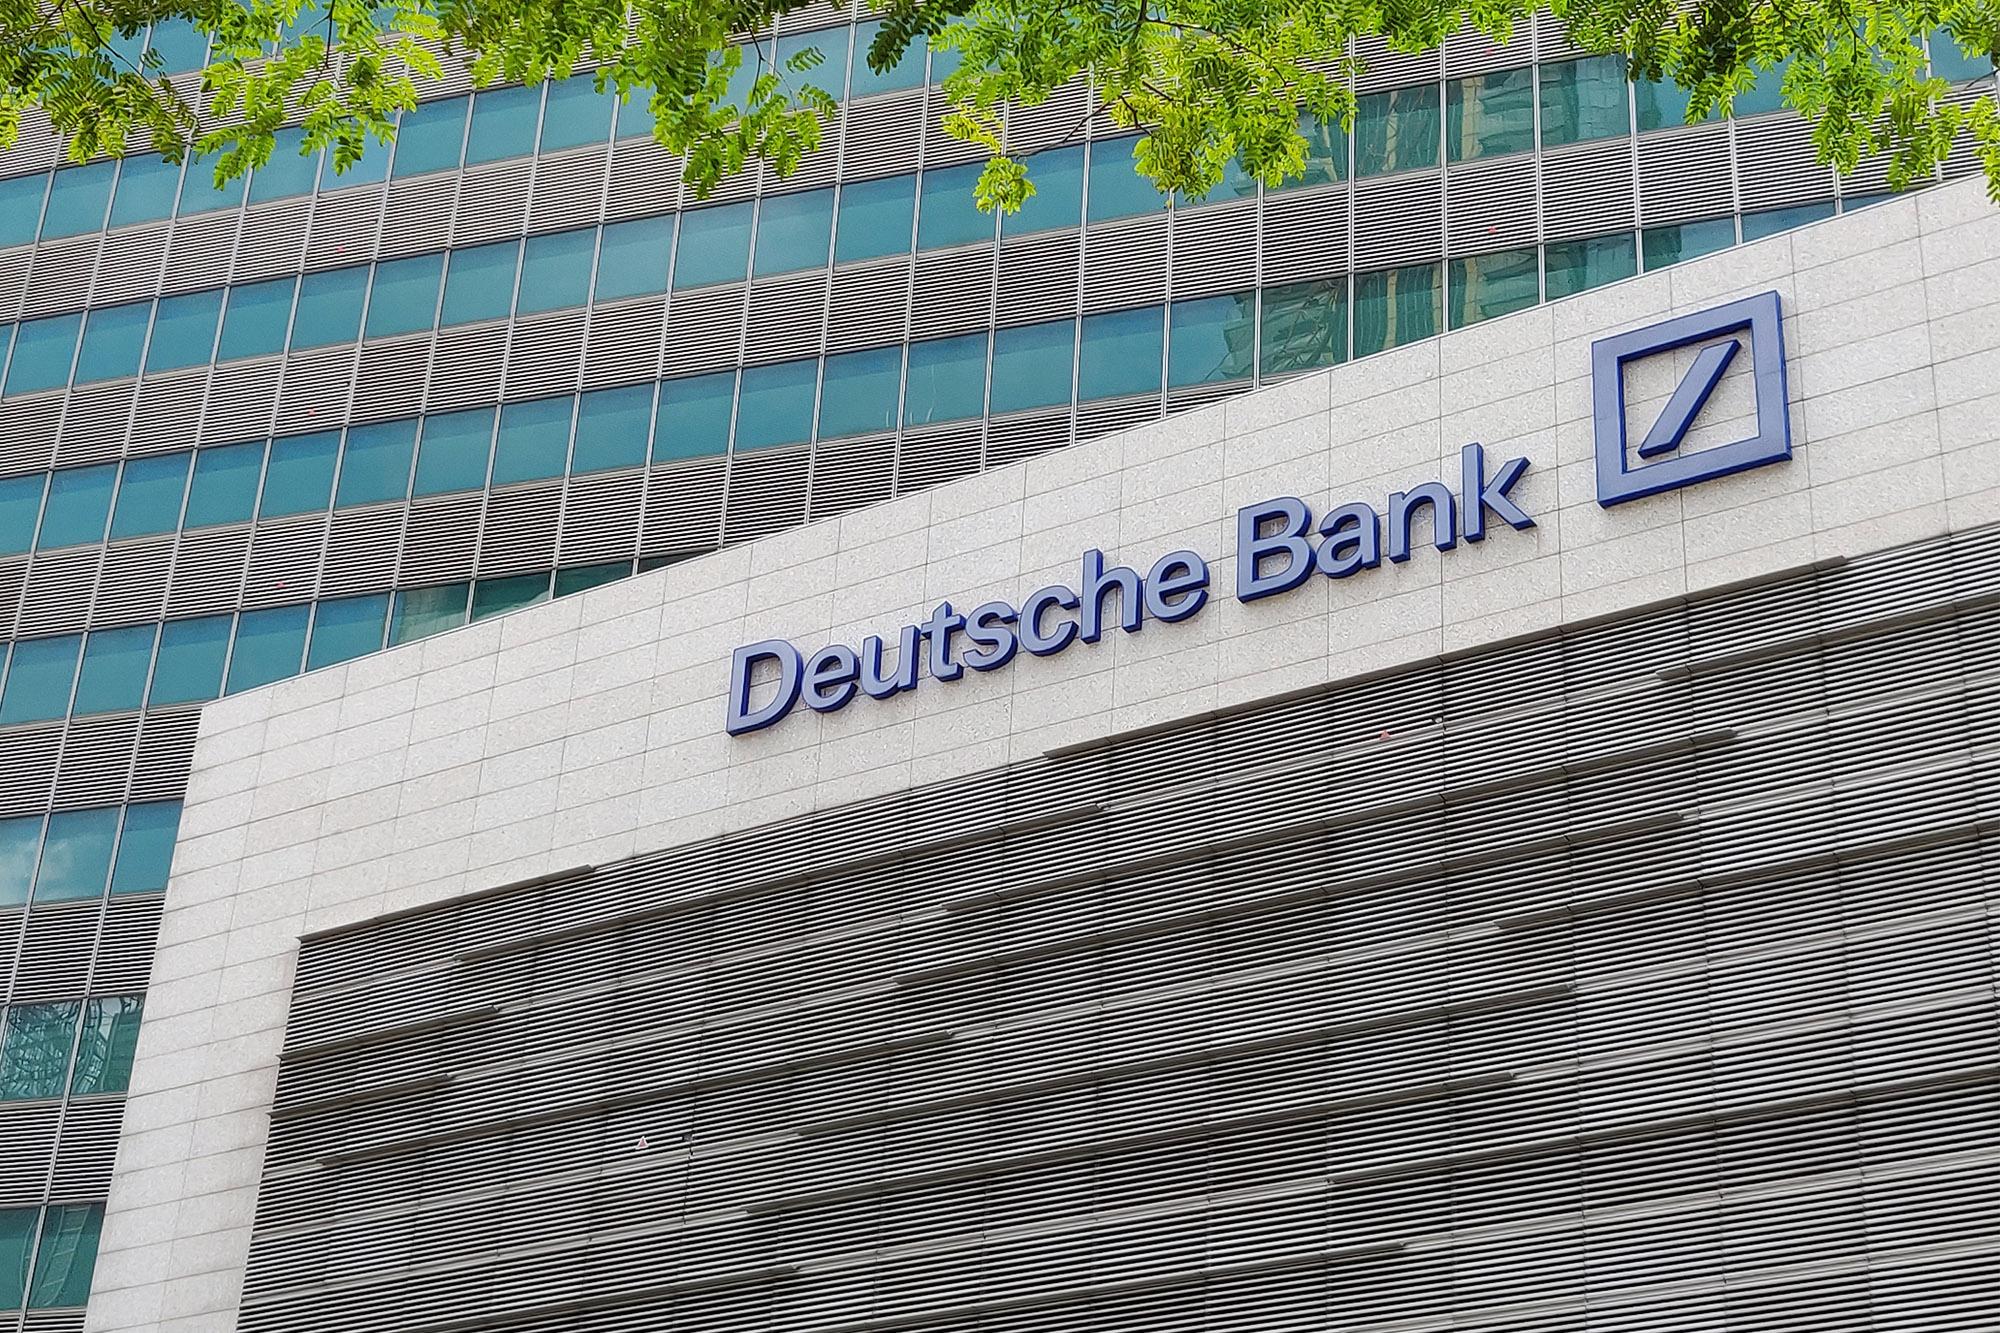 Nuevo informe de Deutsche Bank apunta a la adopción de una moneda digital dentro de los próximos dos años y señala que las criptomonedas pueden ser una herramienta poderosa para una guerra digital